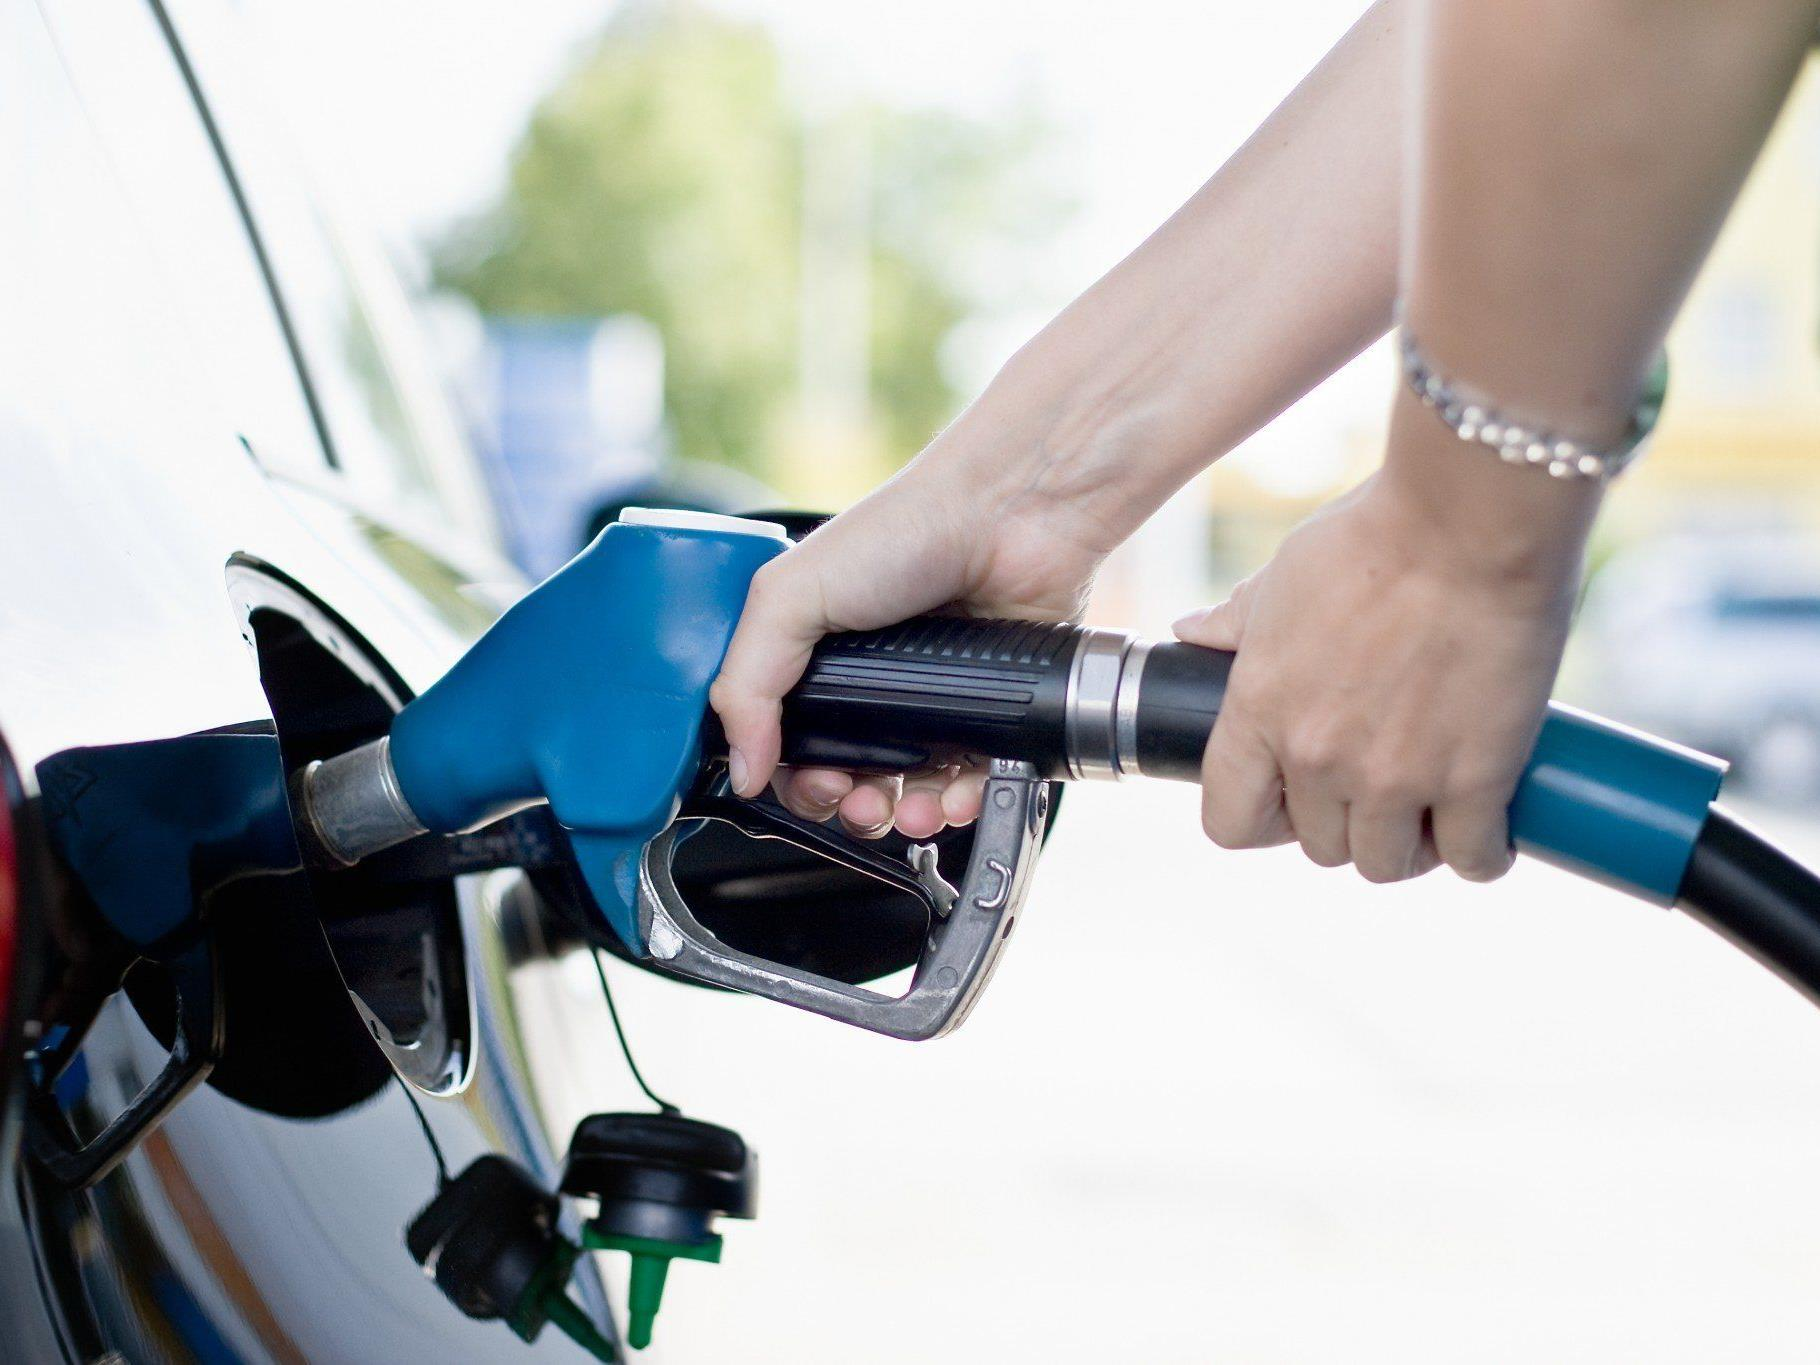 Deutsche Umwelthilfe ortet Abweichungen von bis zu 42 Prozent - Branche weist Vorwürfe zurück.